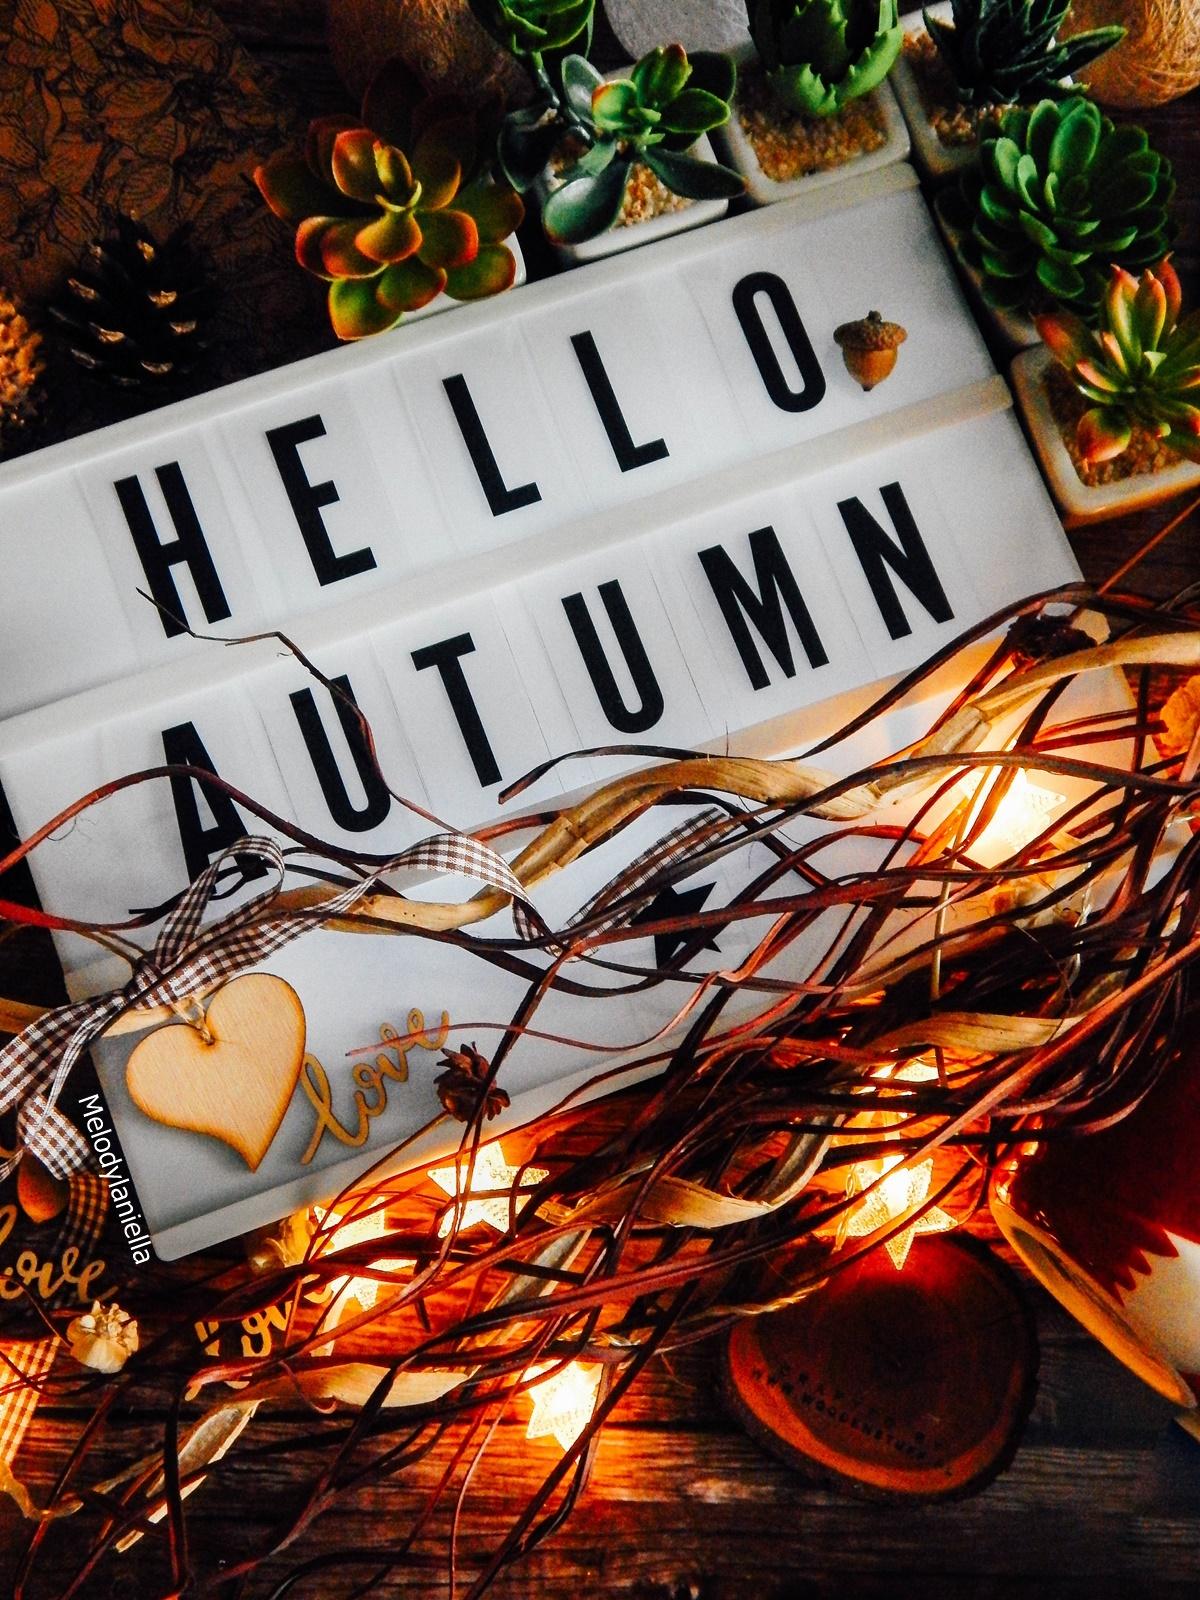 jesienne dekoracje bonprix liście wazony jesienne dodatki do mieszkań i domów wrzosy, sukulenty bonprix, tablice świetlne, cotton balls światełka do mieszkań szyszki kasztany dekoracje halloween autumn decoration home